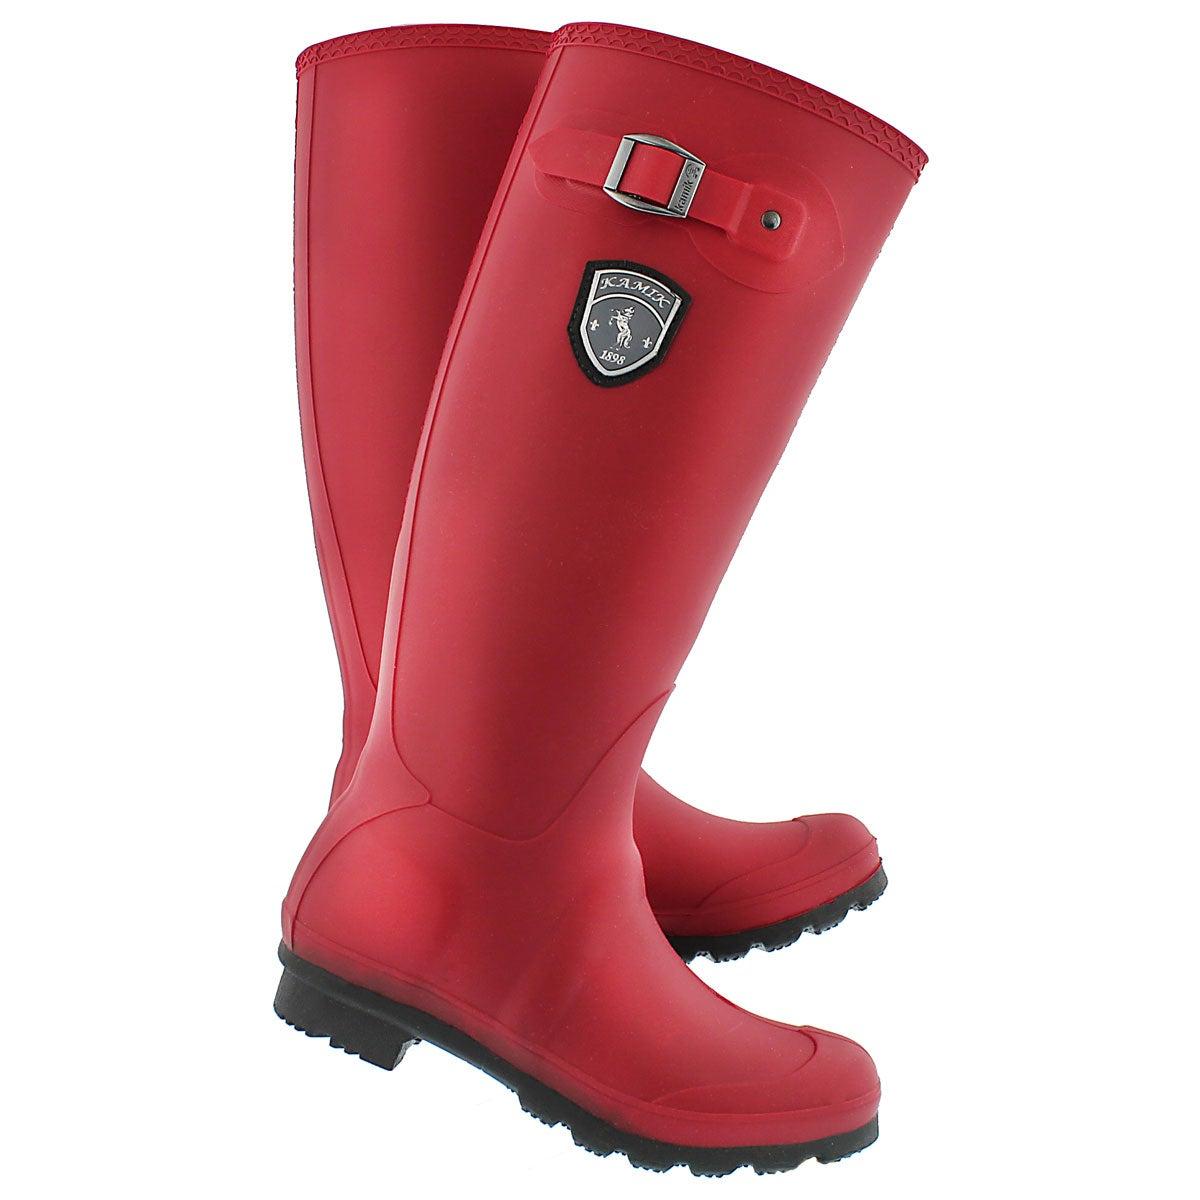 Lds Jennifer dkred side buckle rain boot